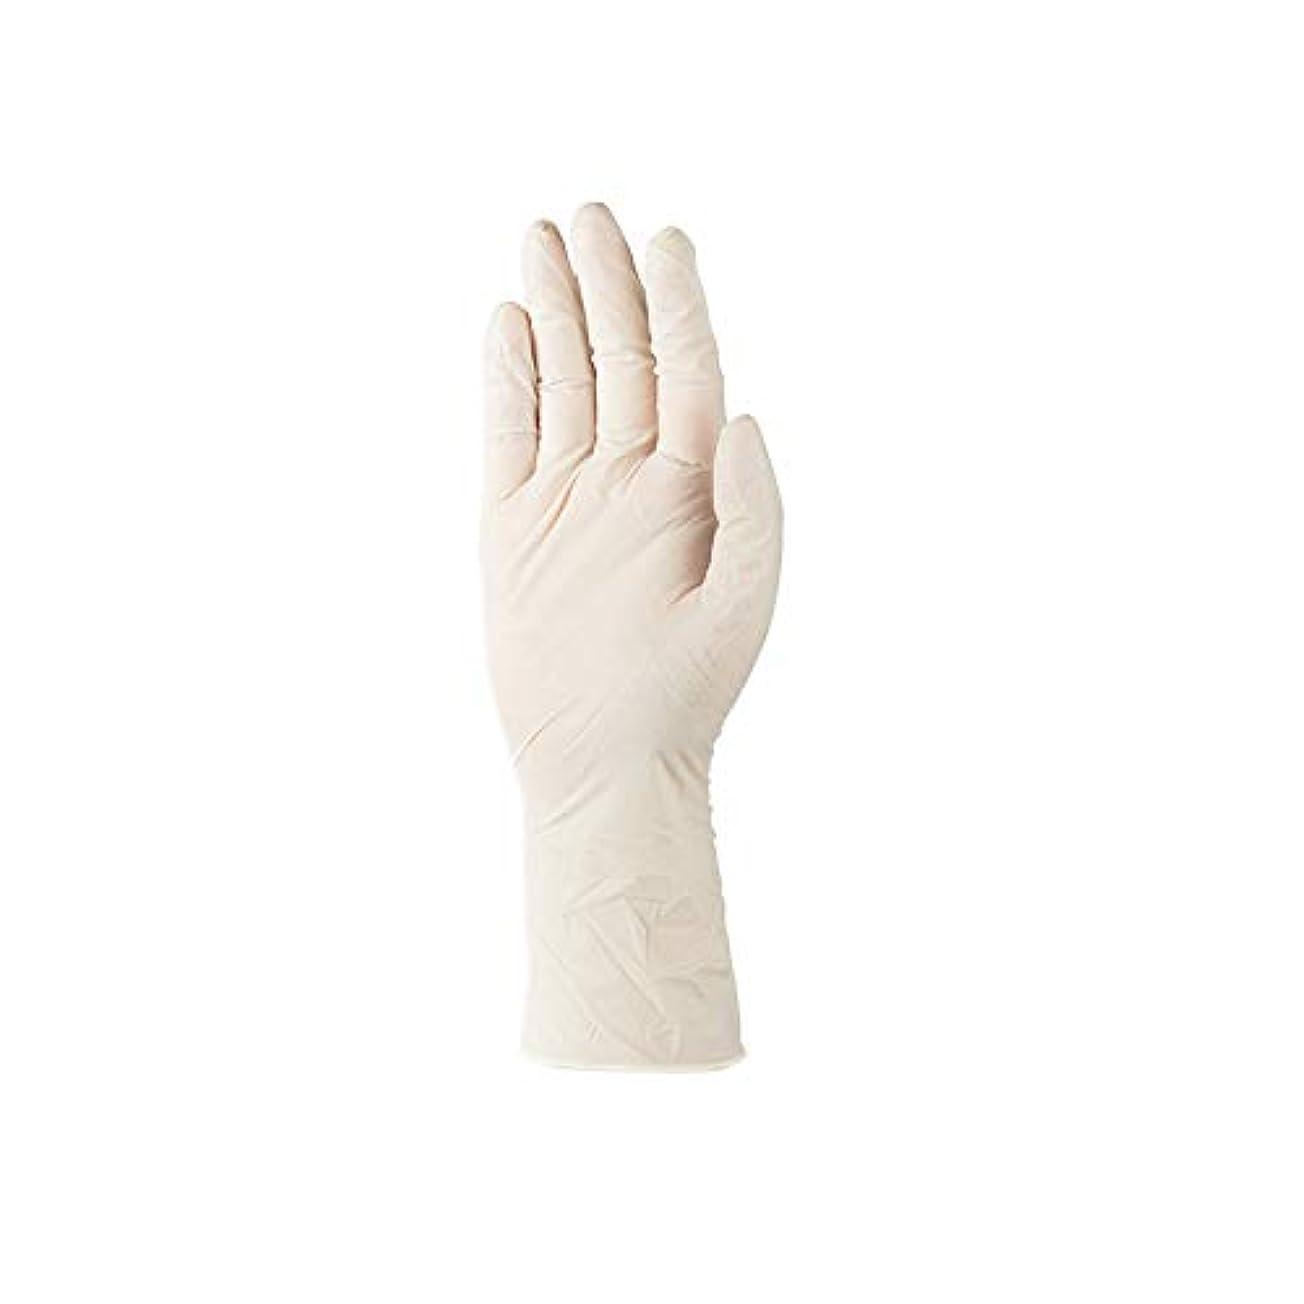 あいにく上院期待ニトリルラテックス使い捨て手袋ゴム製病院用手袋厚くケータリング家事歯科,White#1232,XS